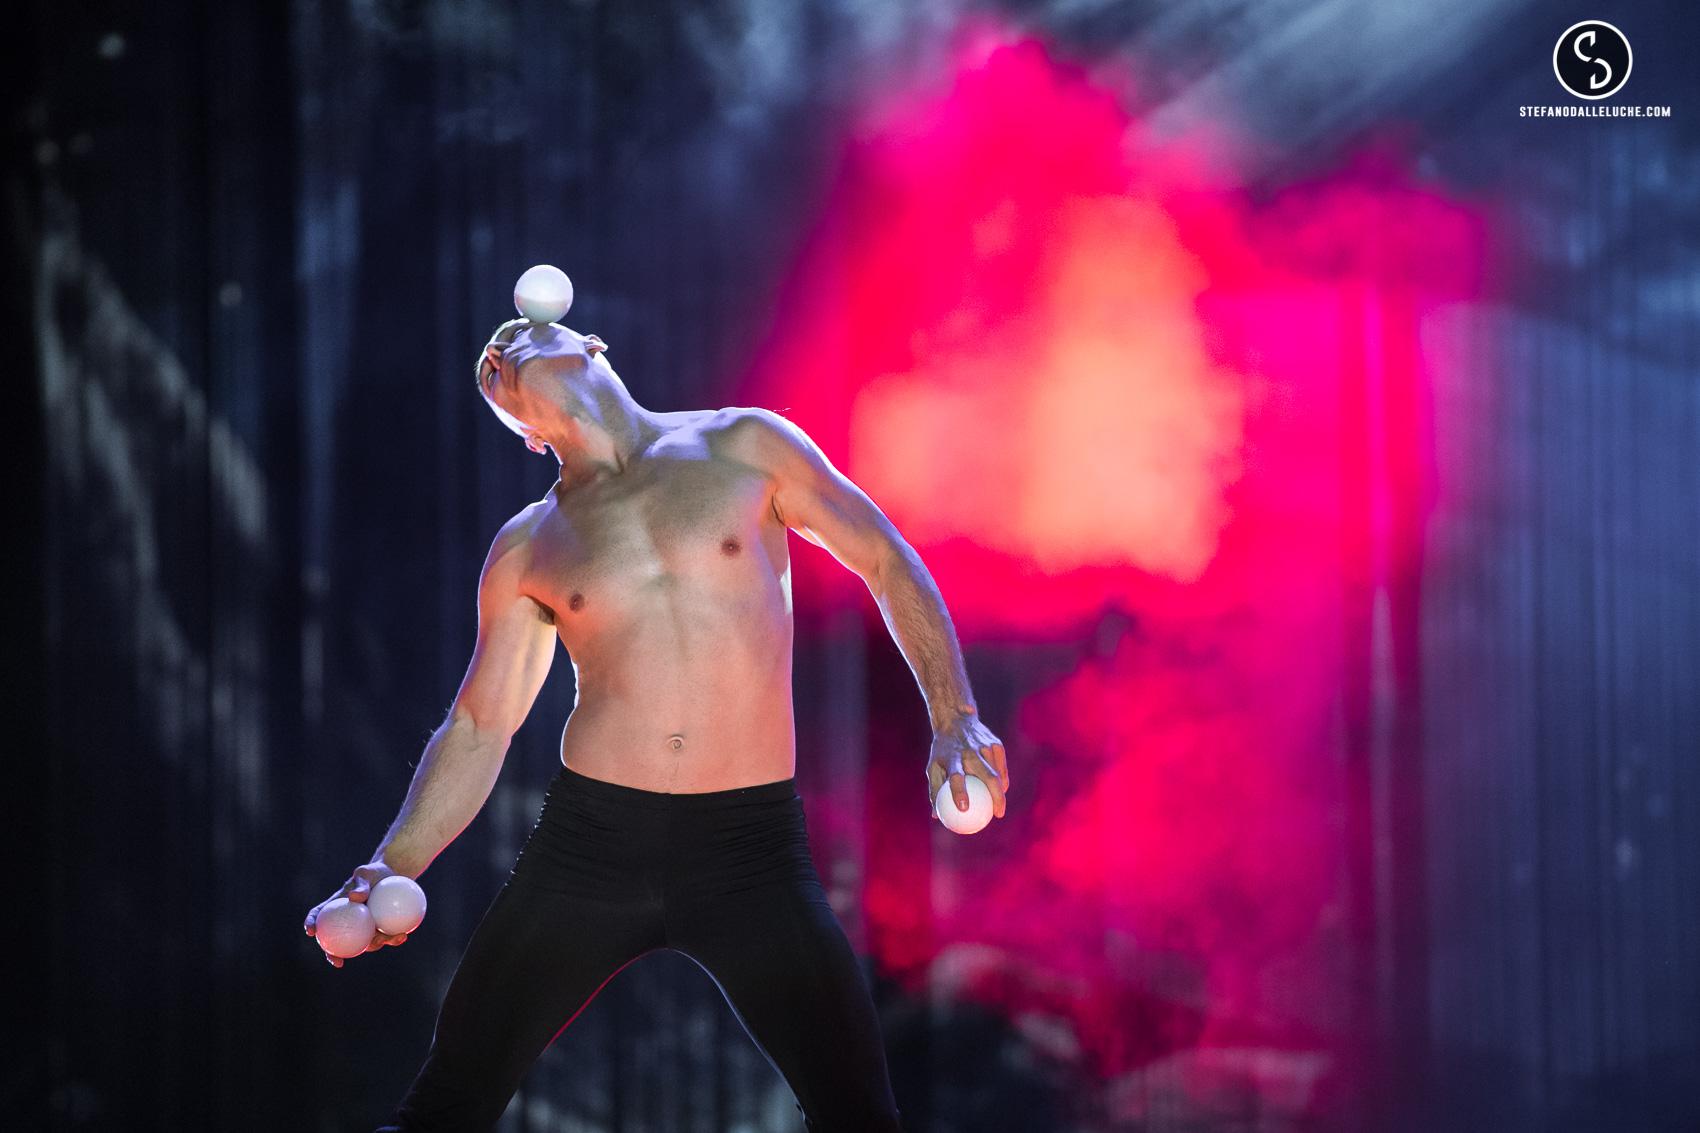 Alis, in anteprima le immagini dell'atteso show-rivelazione in programma alla Cittadella